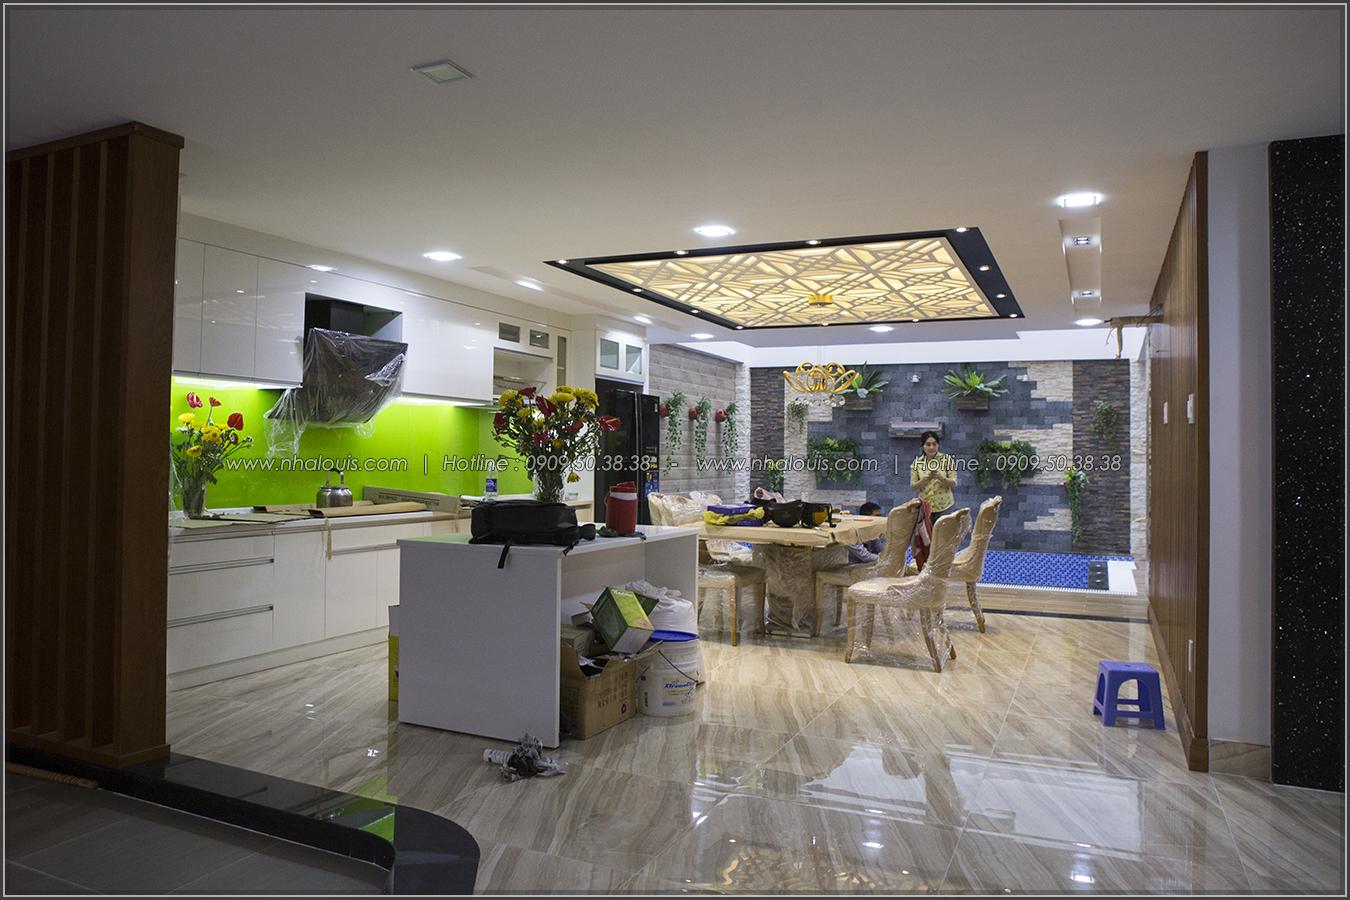 Thiết kế và thi công biệt thự phố đẹp với hồ bơi xanh mát tại Tân Bình - 05